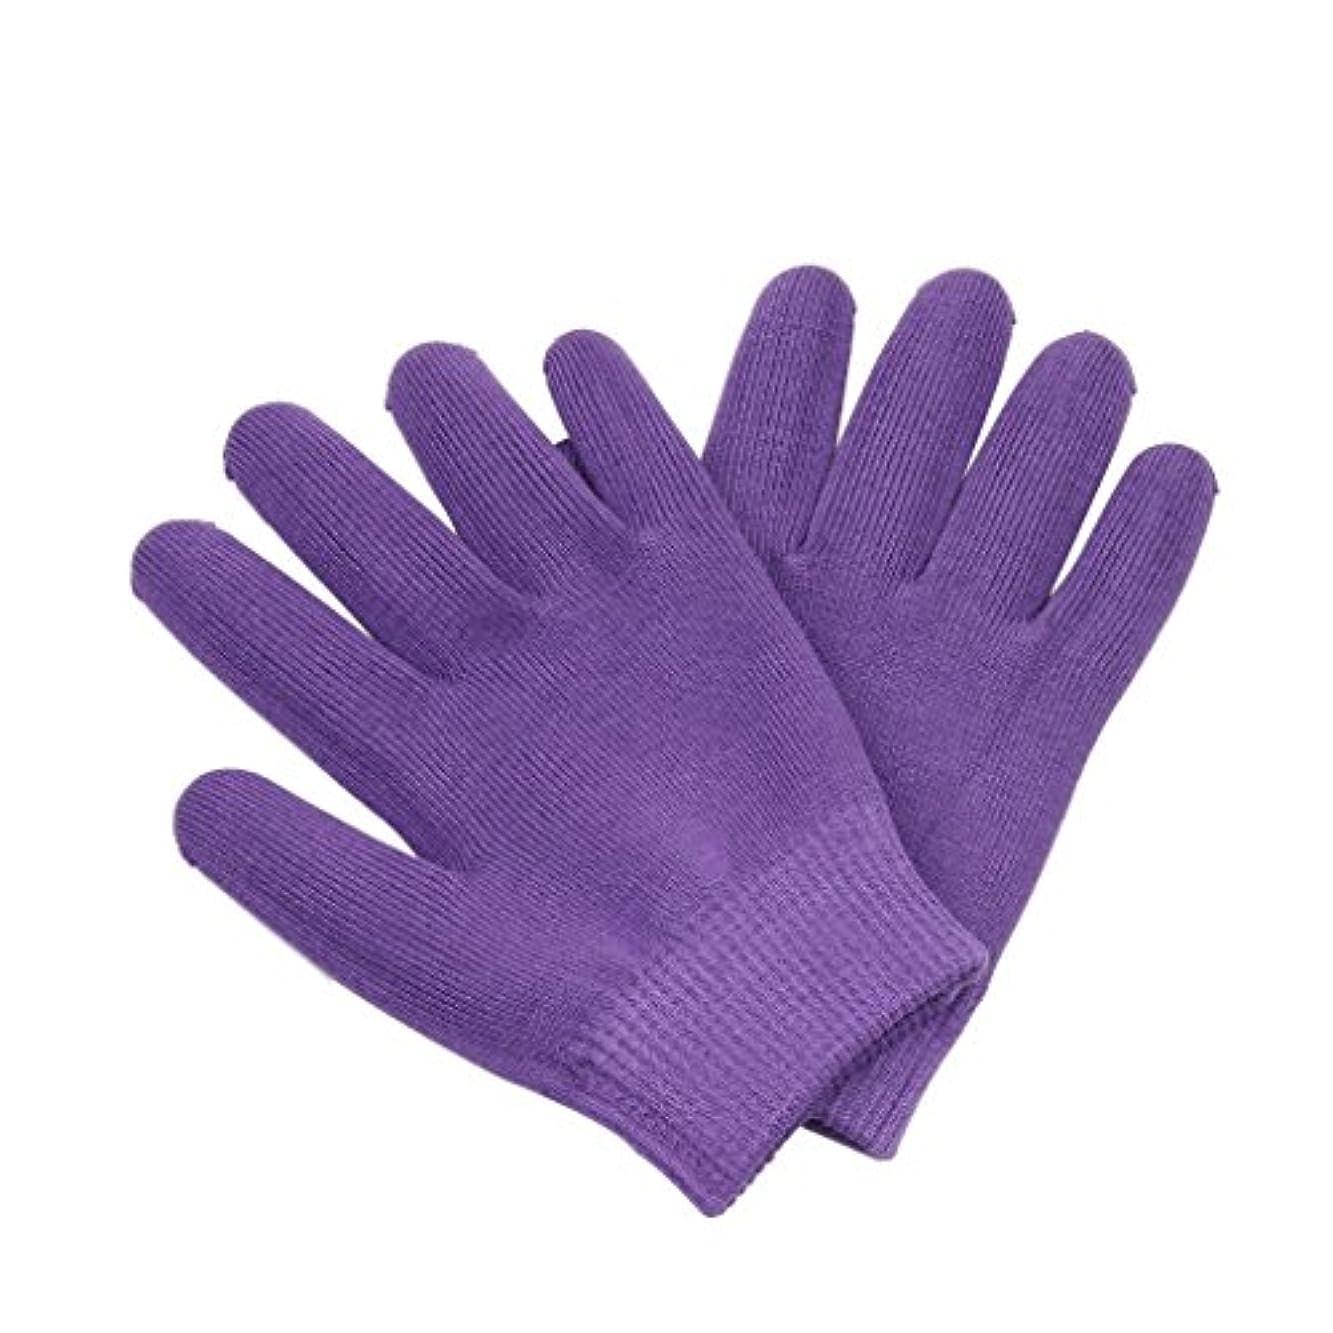 推進力そこコンクリート保湿手袋 おやすみ手袋 就寝用 手袋 手湿疹 肌荒れ 乾燥防止 乾燥肌 手荒れ 保湿 スキンケア 全3色選べ - 紫